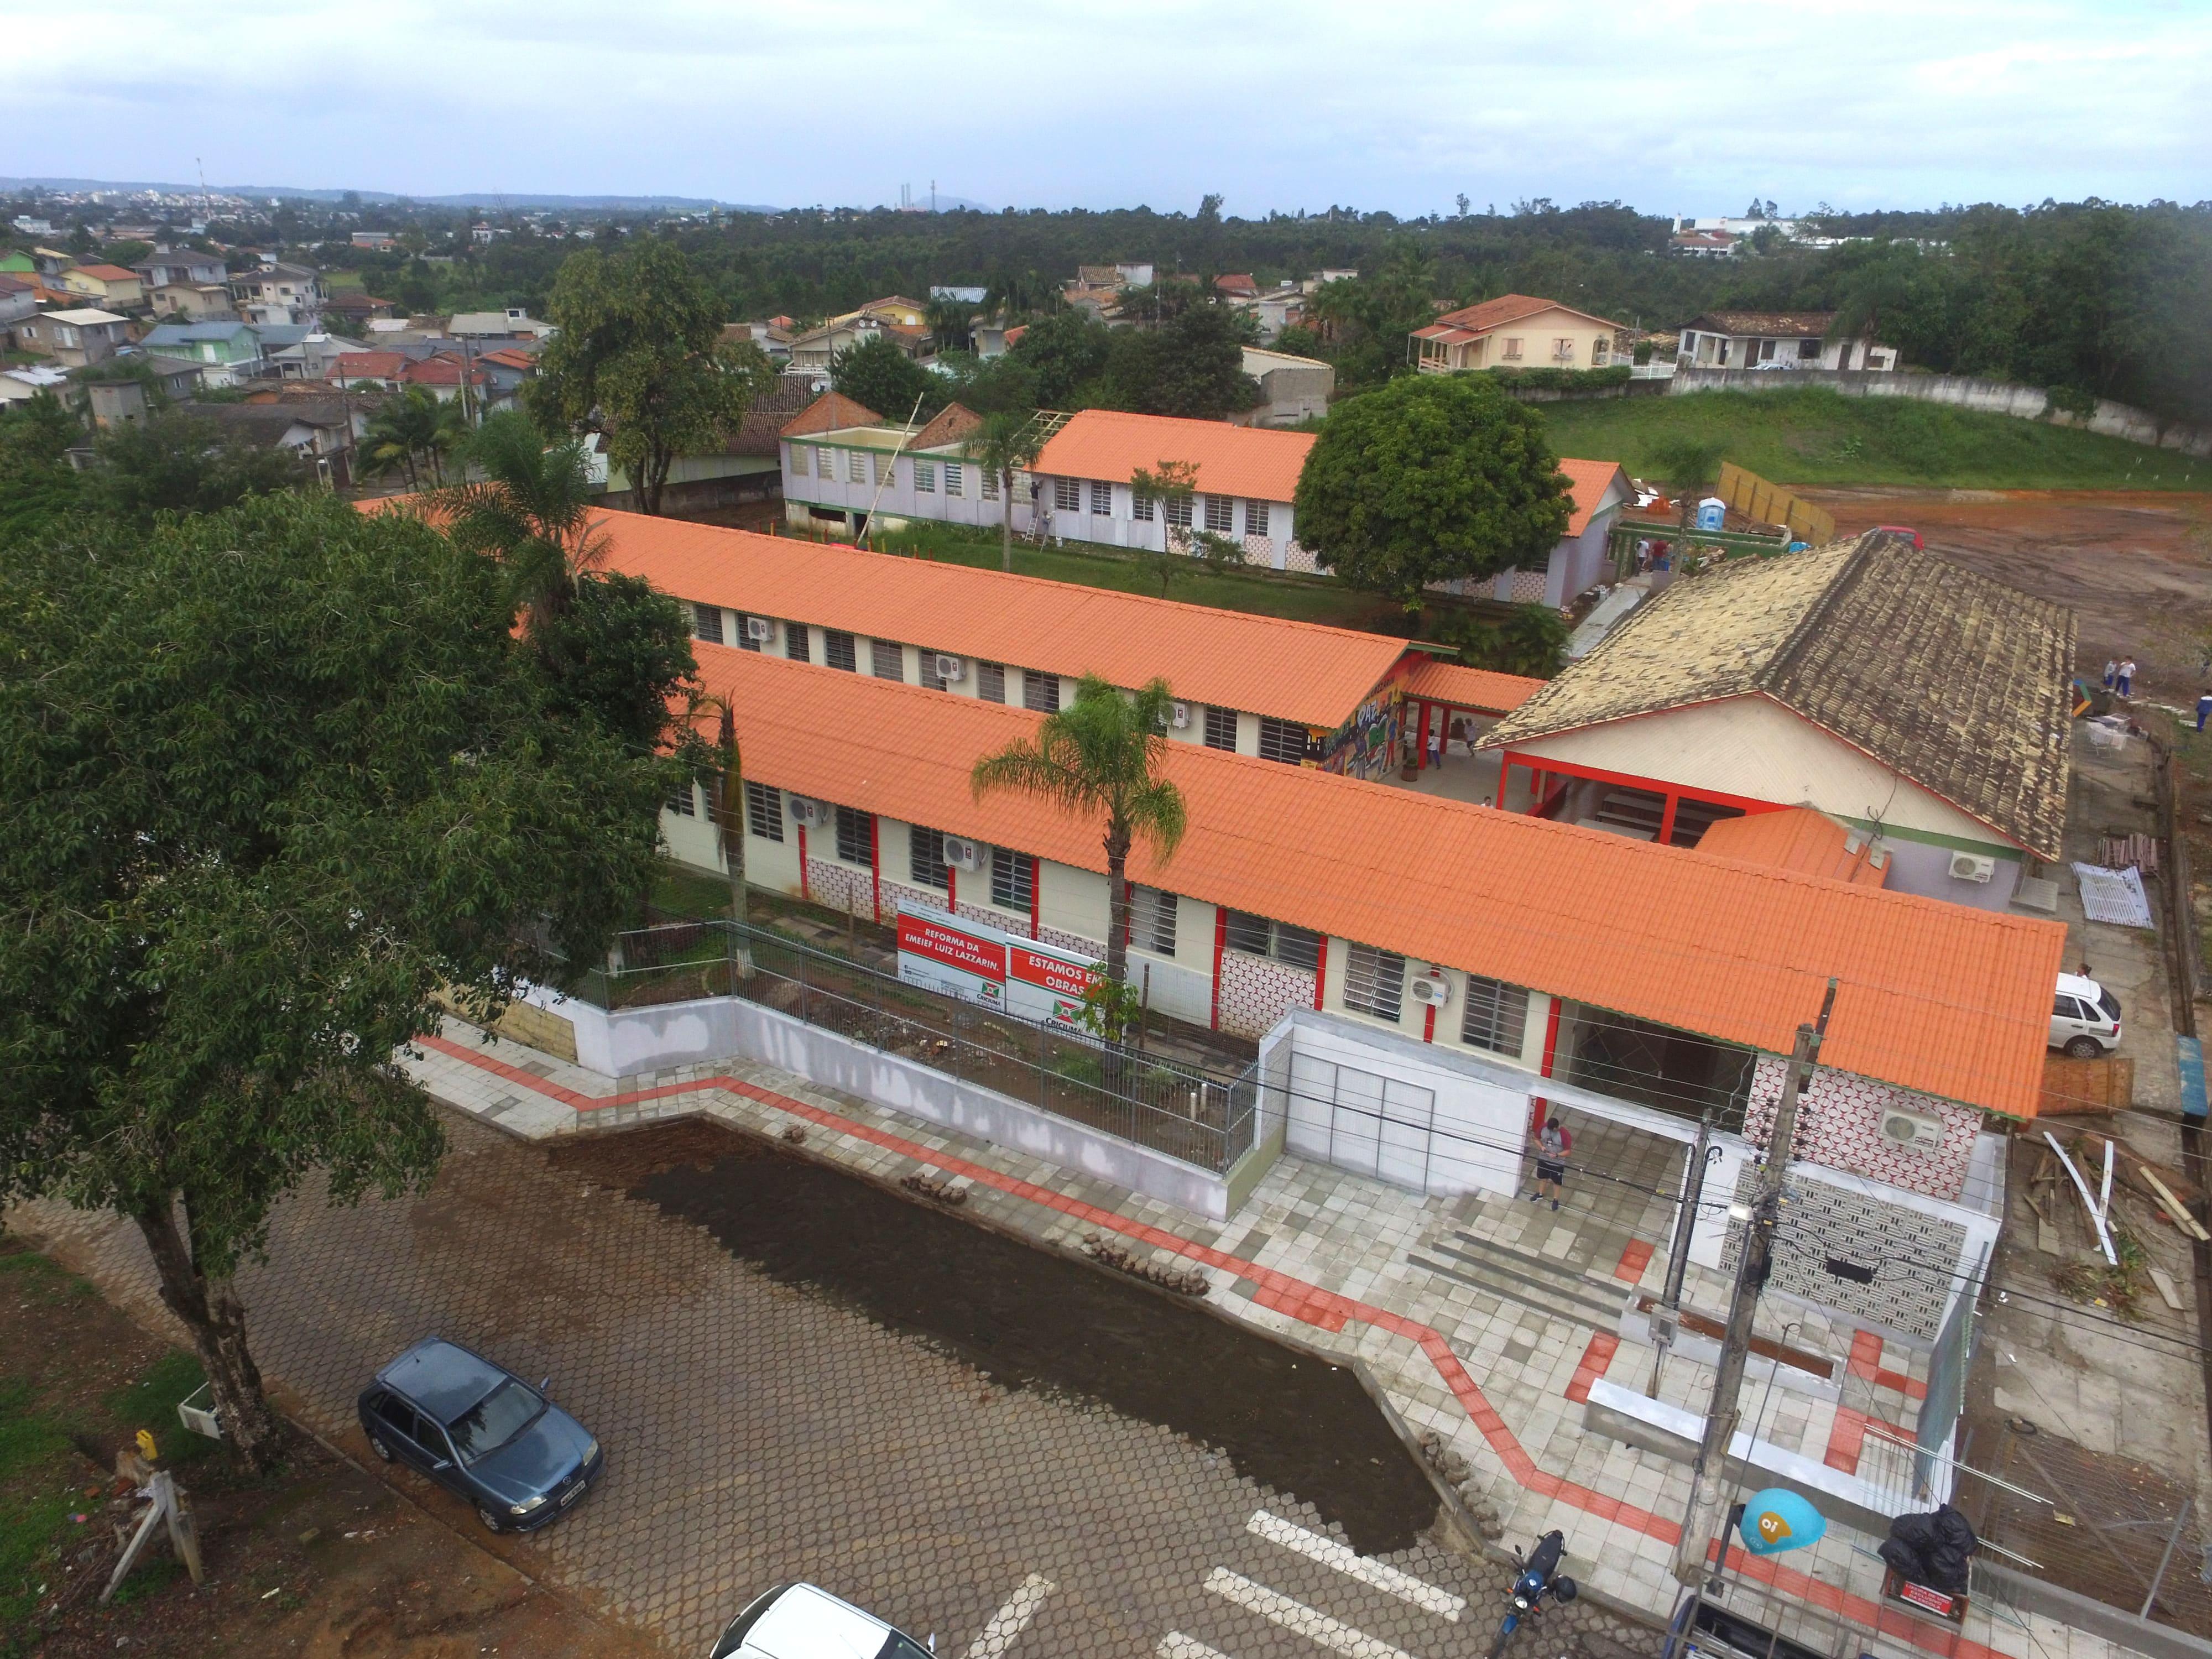 Prefeitura Municipal de Criciúma - Administração Municipal inaugura reforma e ampliação da Escola Municipal Luiz Lazzarin neste sábado